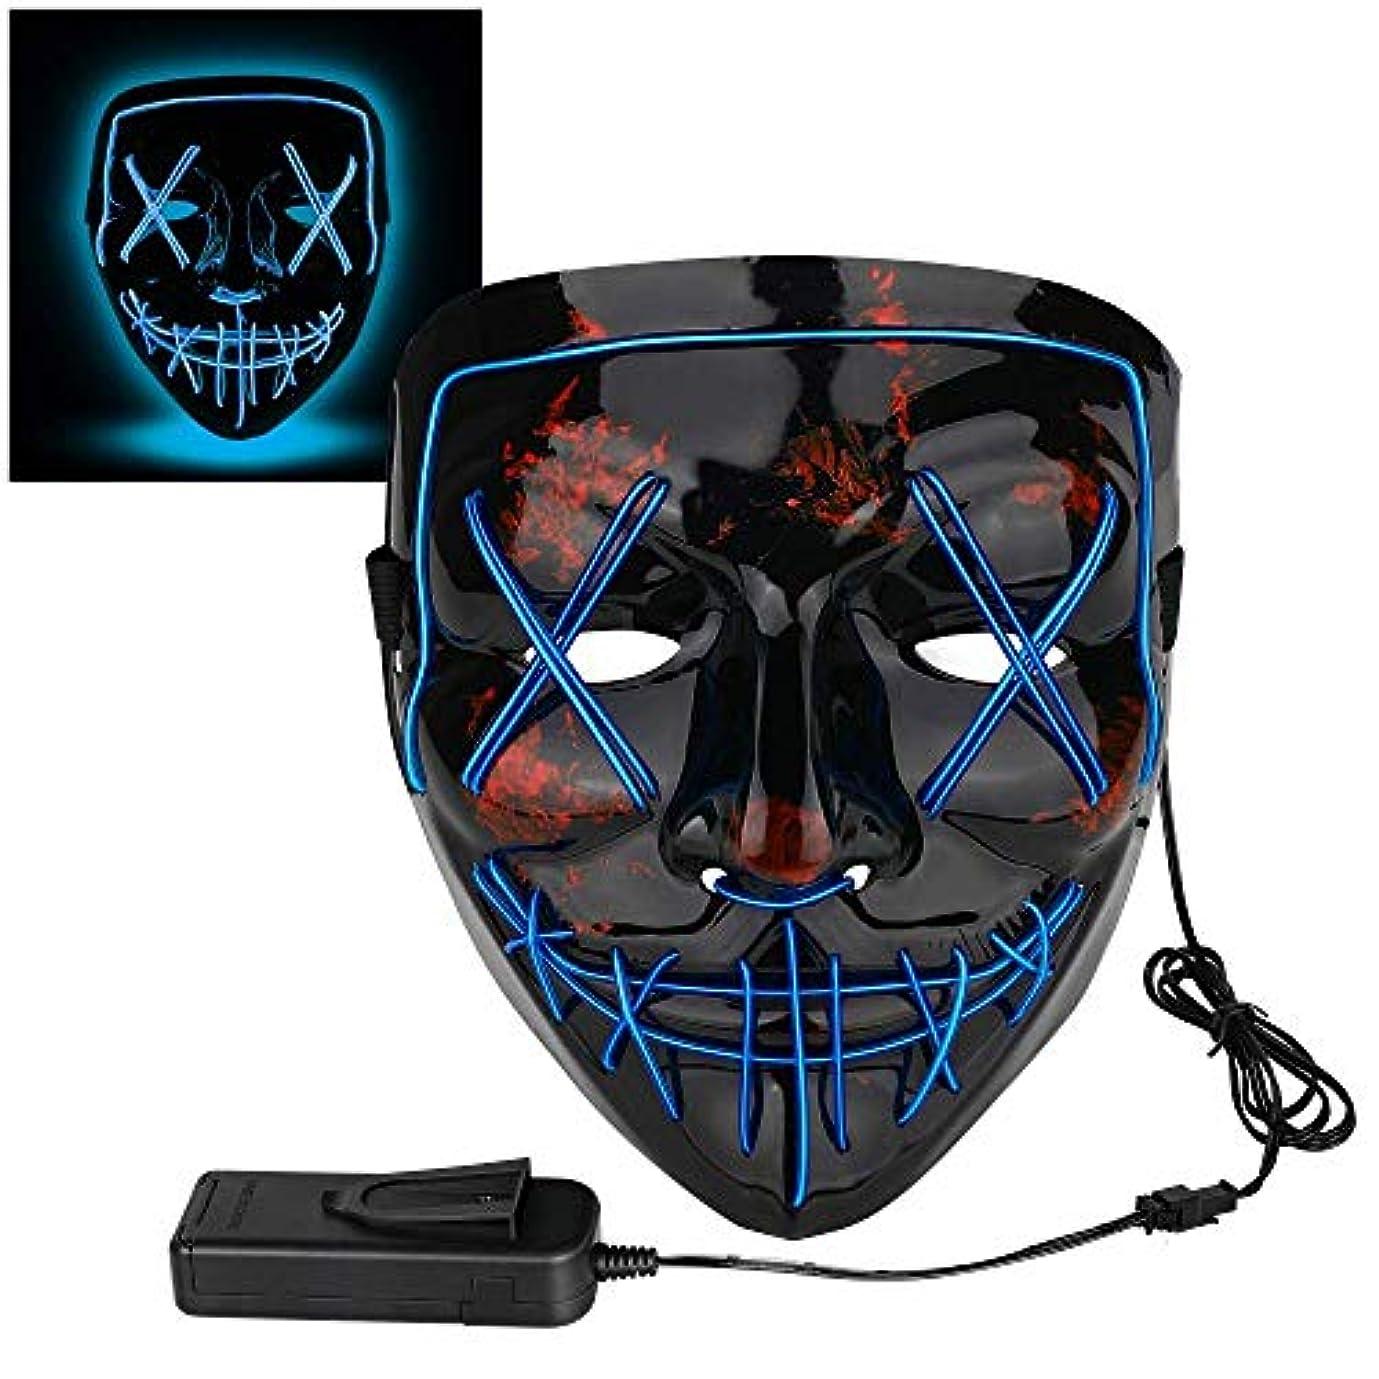 肉腫老人ゲートウェイ休日のロールプレイングハロウィーンコスチュームパーティーマスク(1個)の明確な選挙の時代から、暗闇で輝くロールプレイングLEDライトマスク、衣料品,Blue